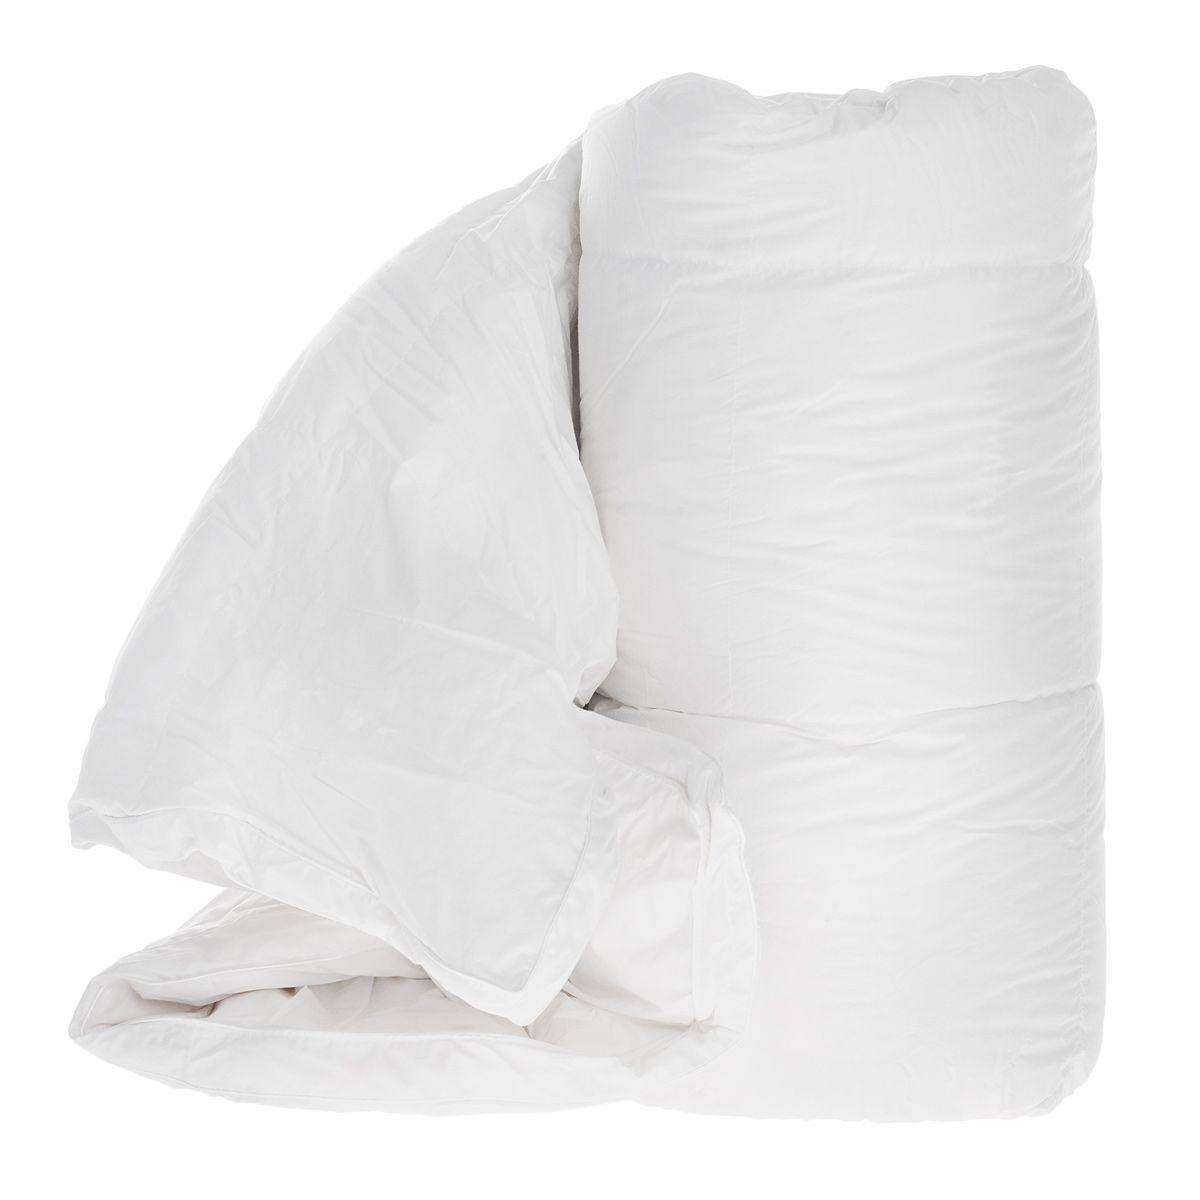 Одеяло TAC Shiny, наполнитель: гусинные пух и перья, 155 x 215 см1.645-370.0Одеяло TAC Shiny обеспечит вам здоровый сон и комфорт. Чехол выполнен из 100% натурального хлопка и оформлен фигурной стежкой. В качестве наполнителя используется 95% специальный гусиный пух. Наполнитель равномерно распределен внутри чехла. Край одеяла декорирован узором из страз.Гусиный пух сохраняет температуру в 2,5 раза лучше, чем другие наполнители. Специальная обработка пуха препятствует появлению бактерий в одеяле. Ваше одеяло прослужит долго, а его изысканный внешний вид будет годами дарить вам уют. Одеяло упаковано в сумку-чехол, закрывающуюся на застежку-молнию.